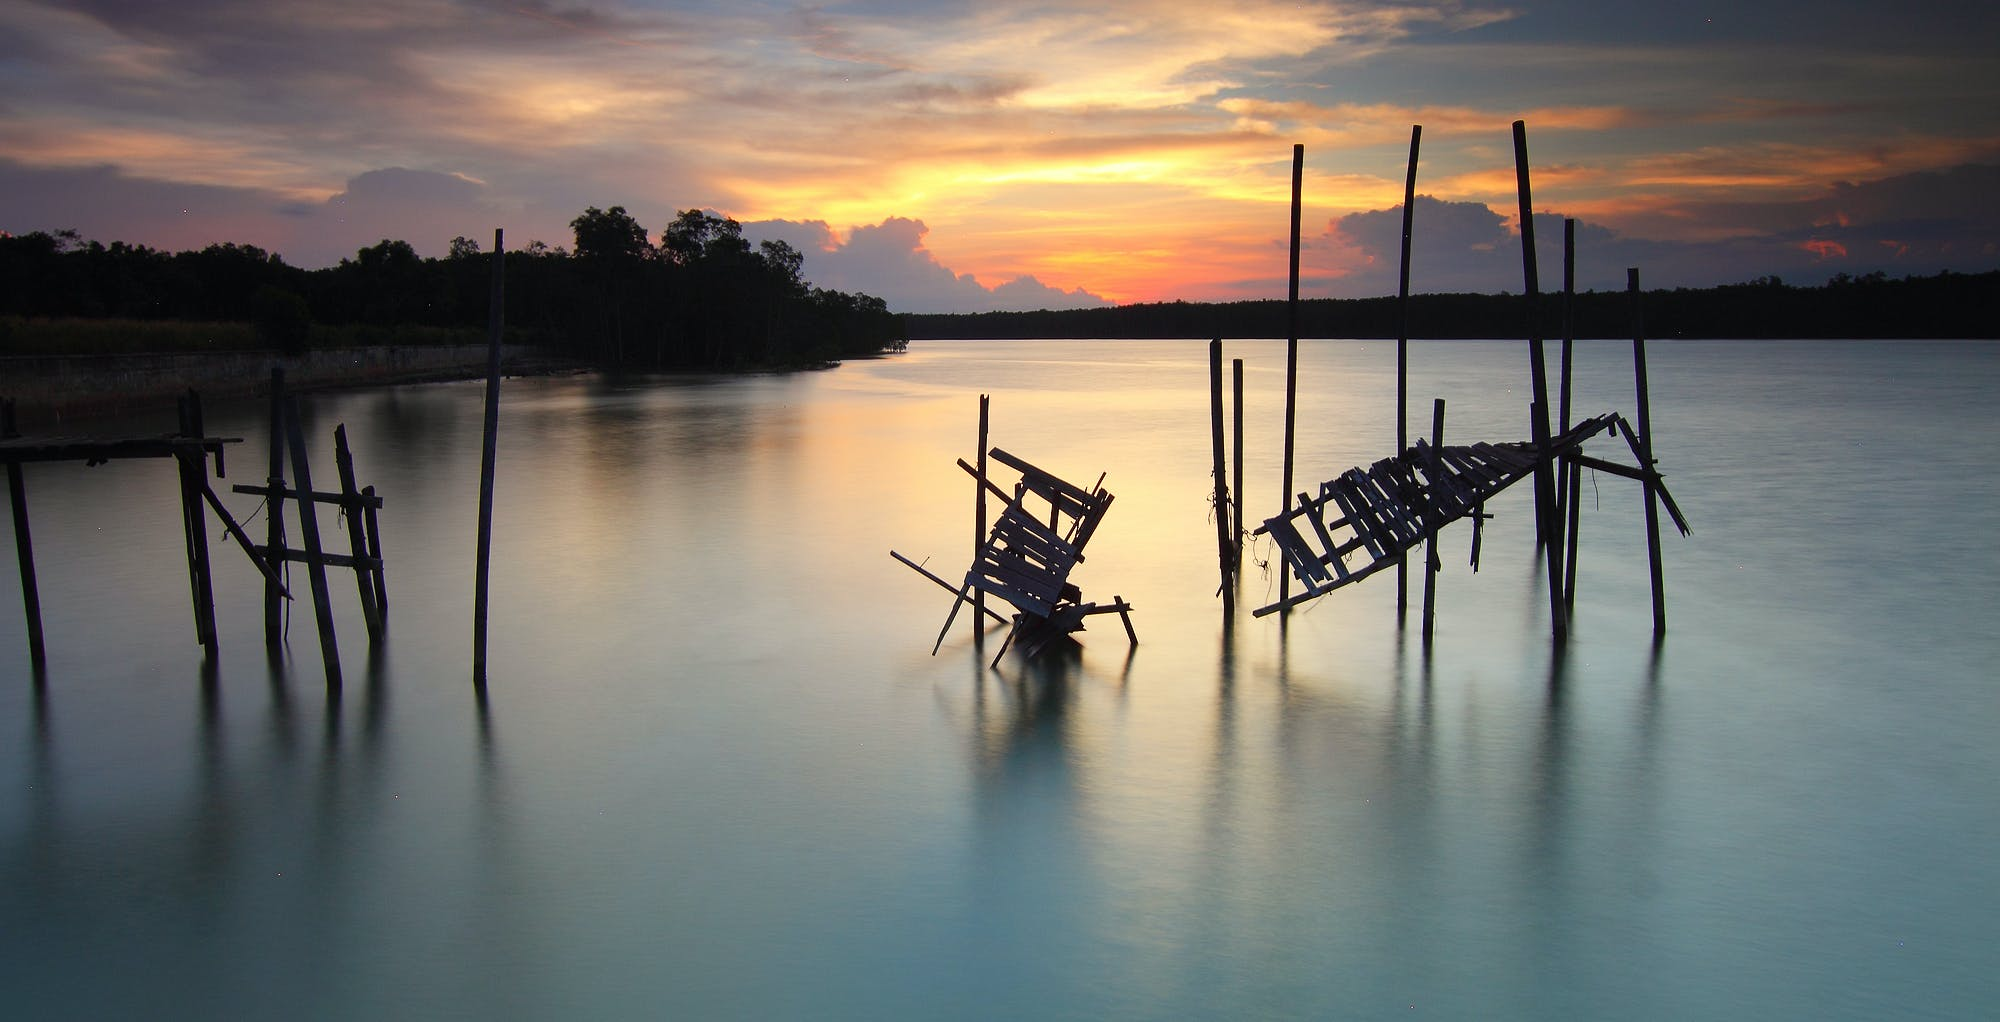 Silhouette of Broken Boardwalk on Body of Water Under Sunset